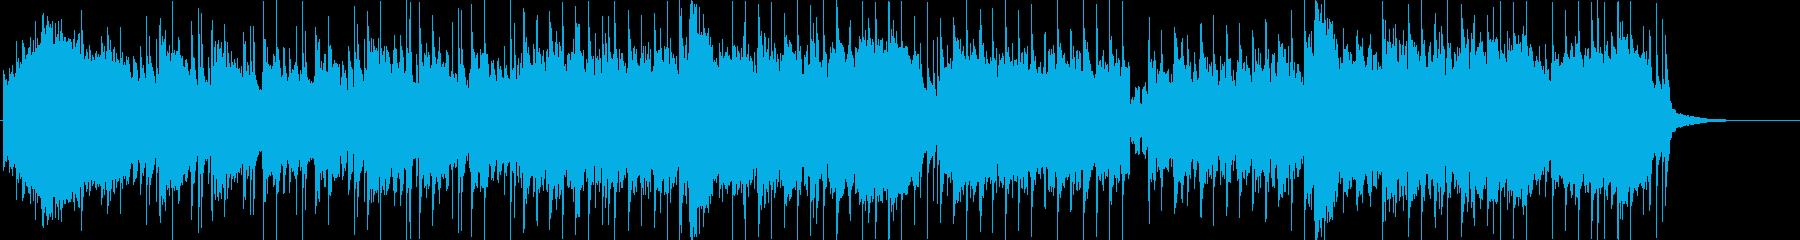 やさしいポップソングの再生済みの波形